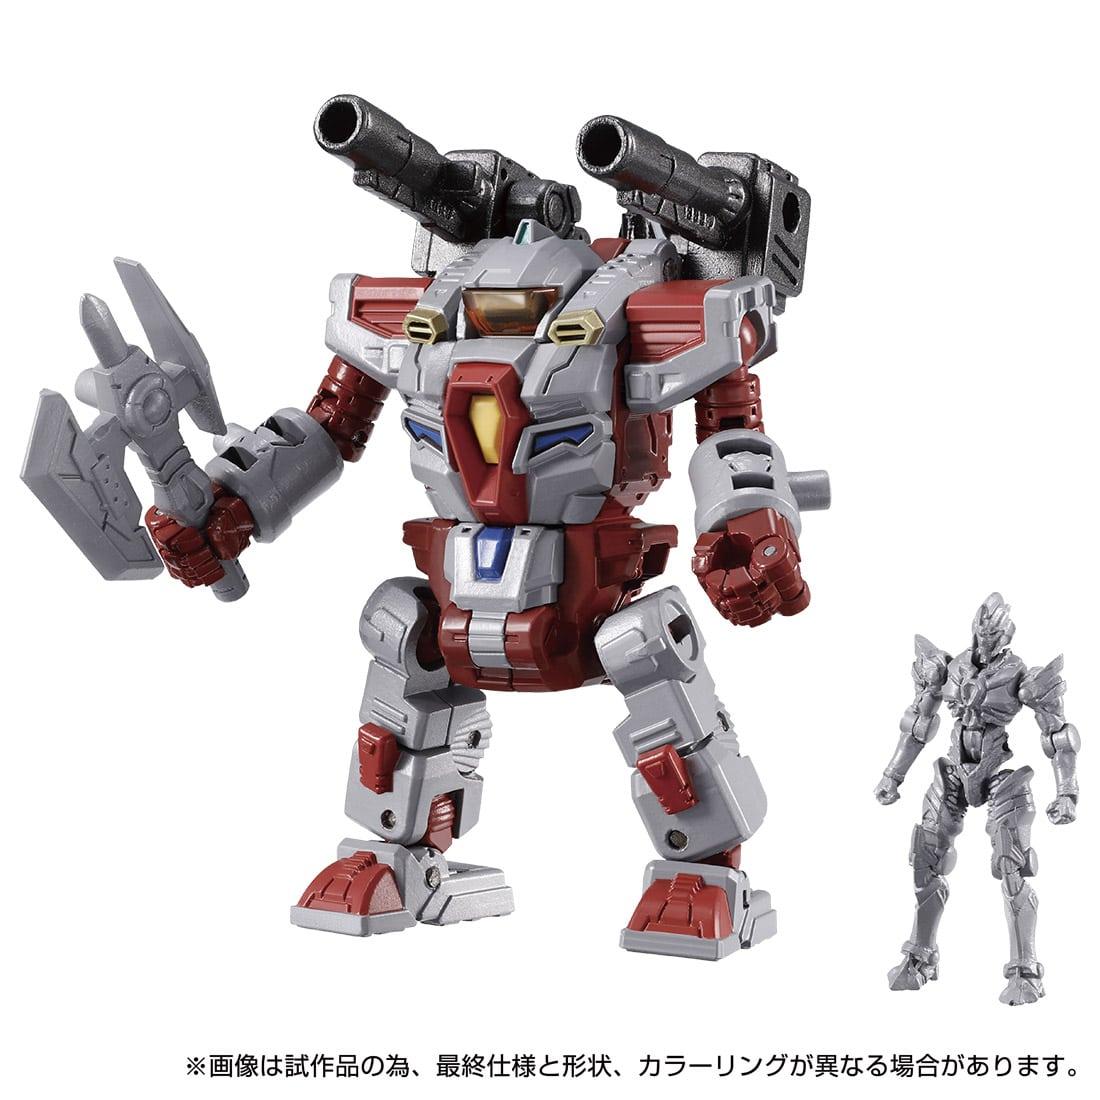 ダイアクロン / グリッドマンユニバース 02『ダイアクロンVS.グリッドマン Ver』可動フィギュア-009